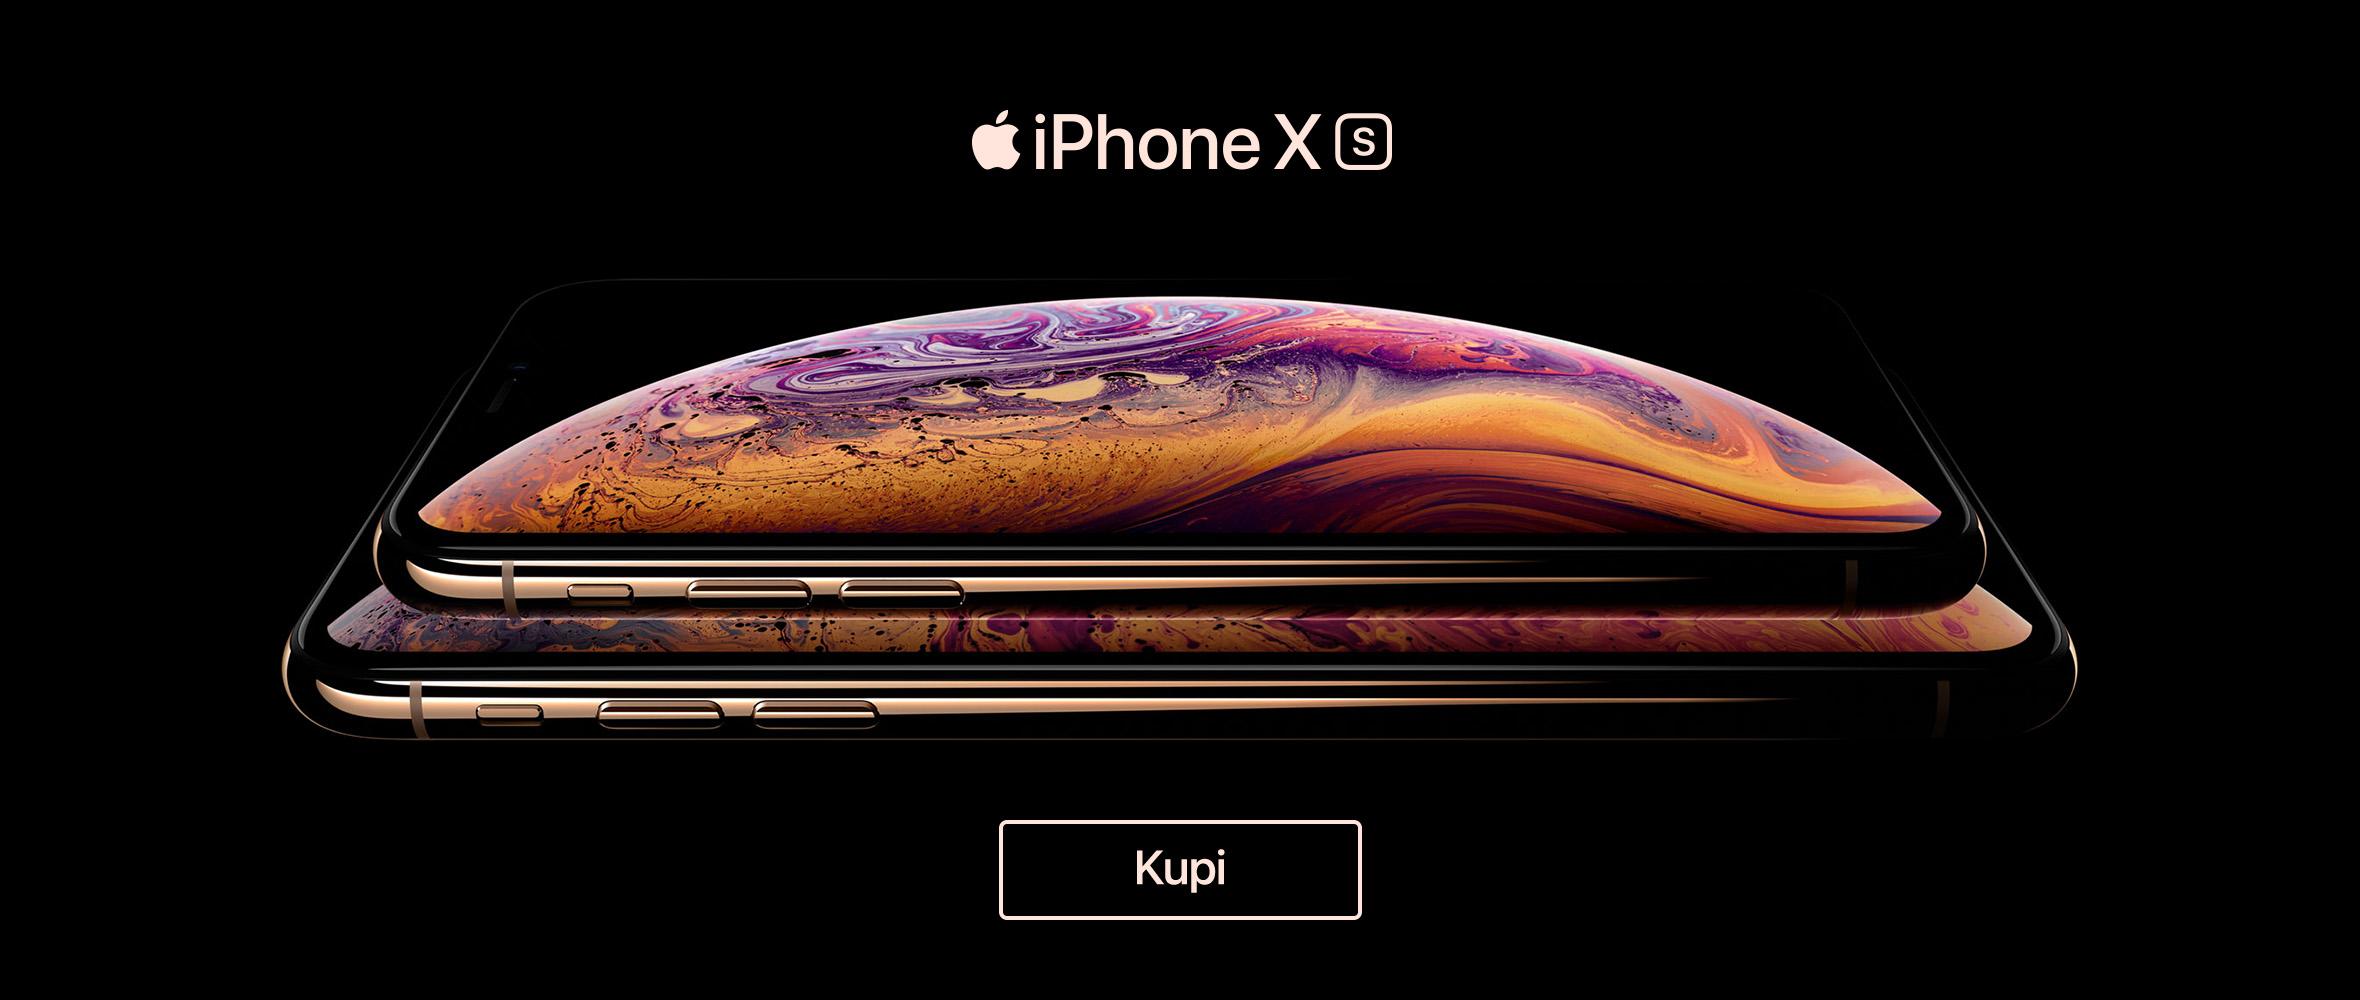 SI - iPhone XS